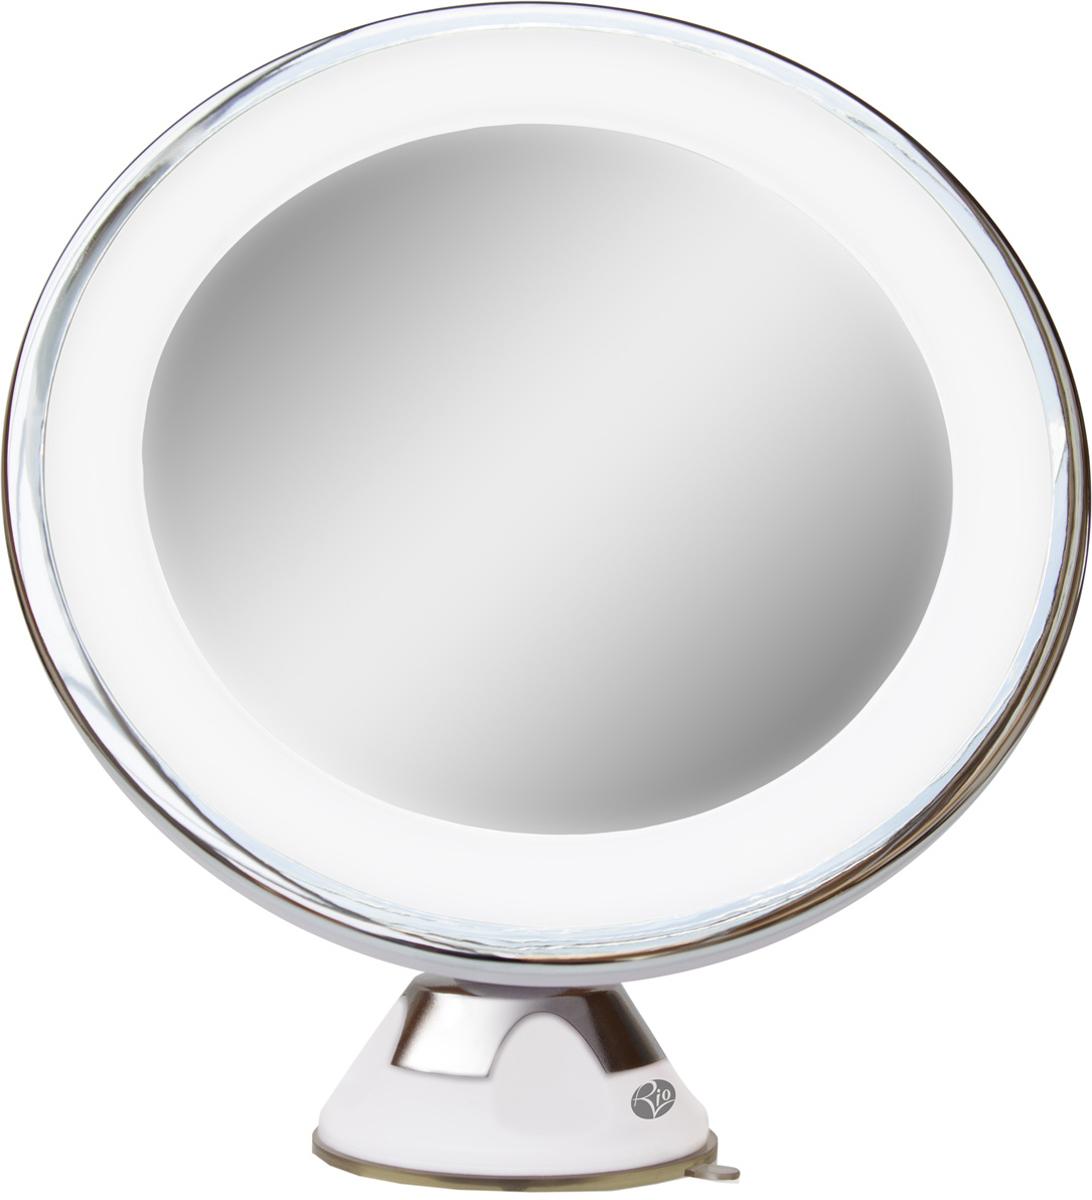 Rio Косметическое зеркало MMSU3958Уникальное косметическое зеркало с возможностью крепления на любую гладкую поверхность с помощью присоски с LED подсветкой и 5-ти кратным увеличением. Питание от 3 батареек AAA, 1,5V (LR03) - в комплетк не входят. Гарантия 12 месяцев.